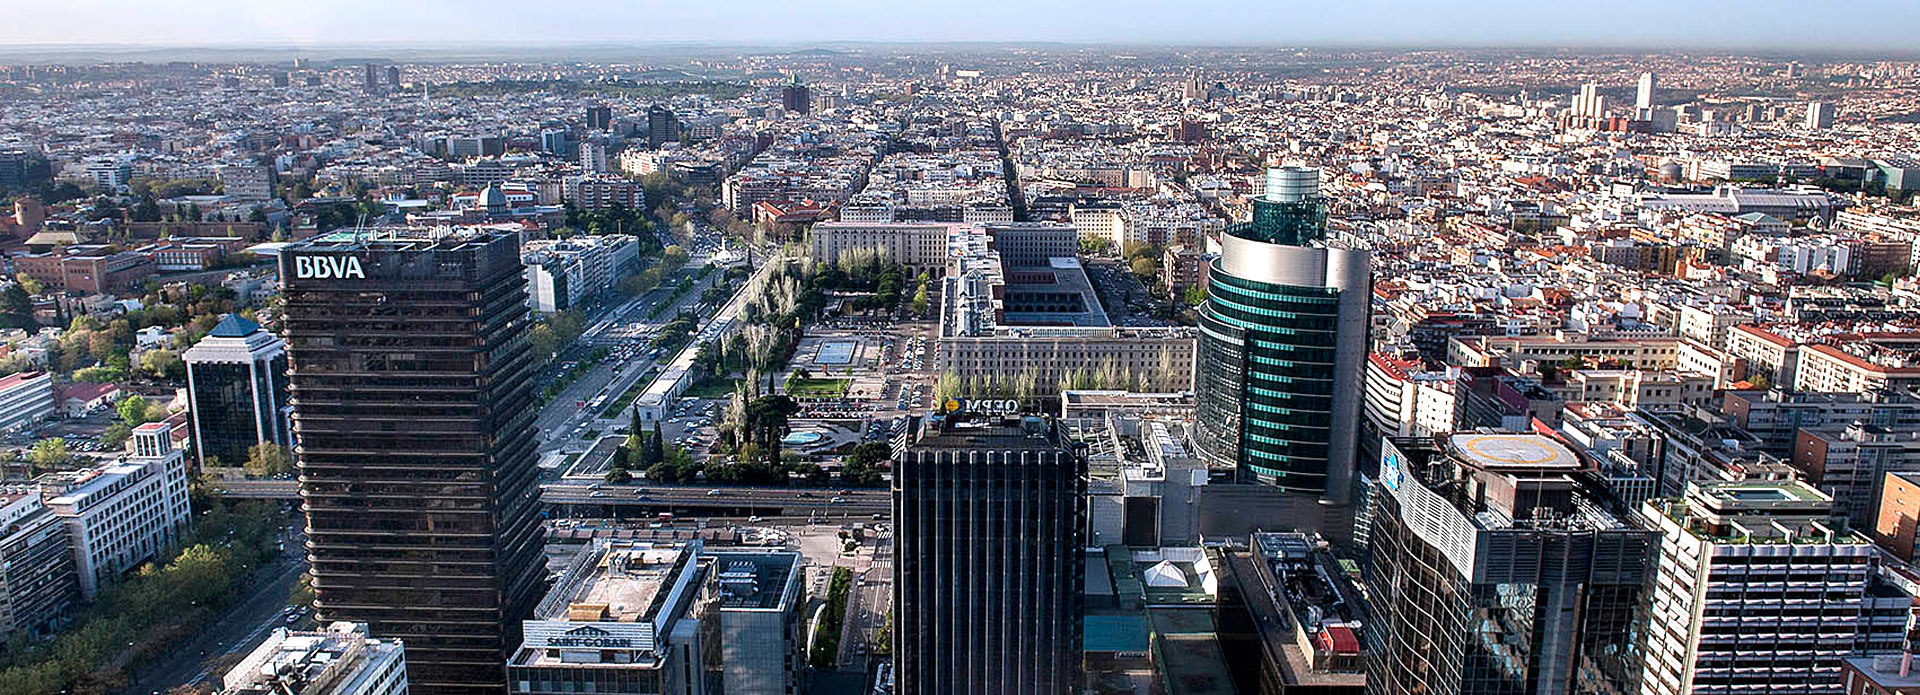 Alquiler inmobiliario oficinas areazeroimo Madrid